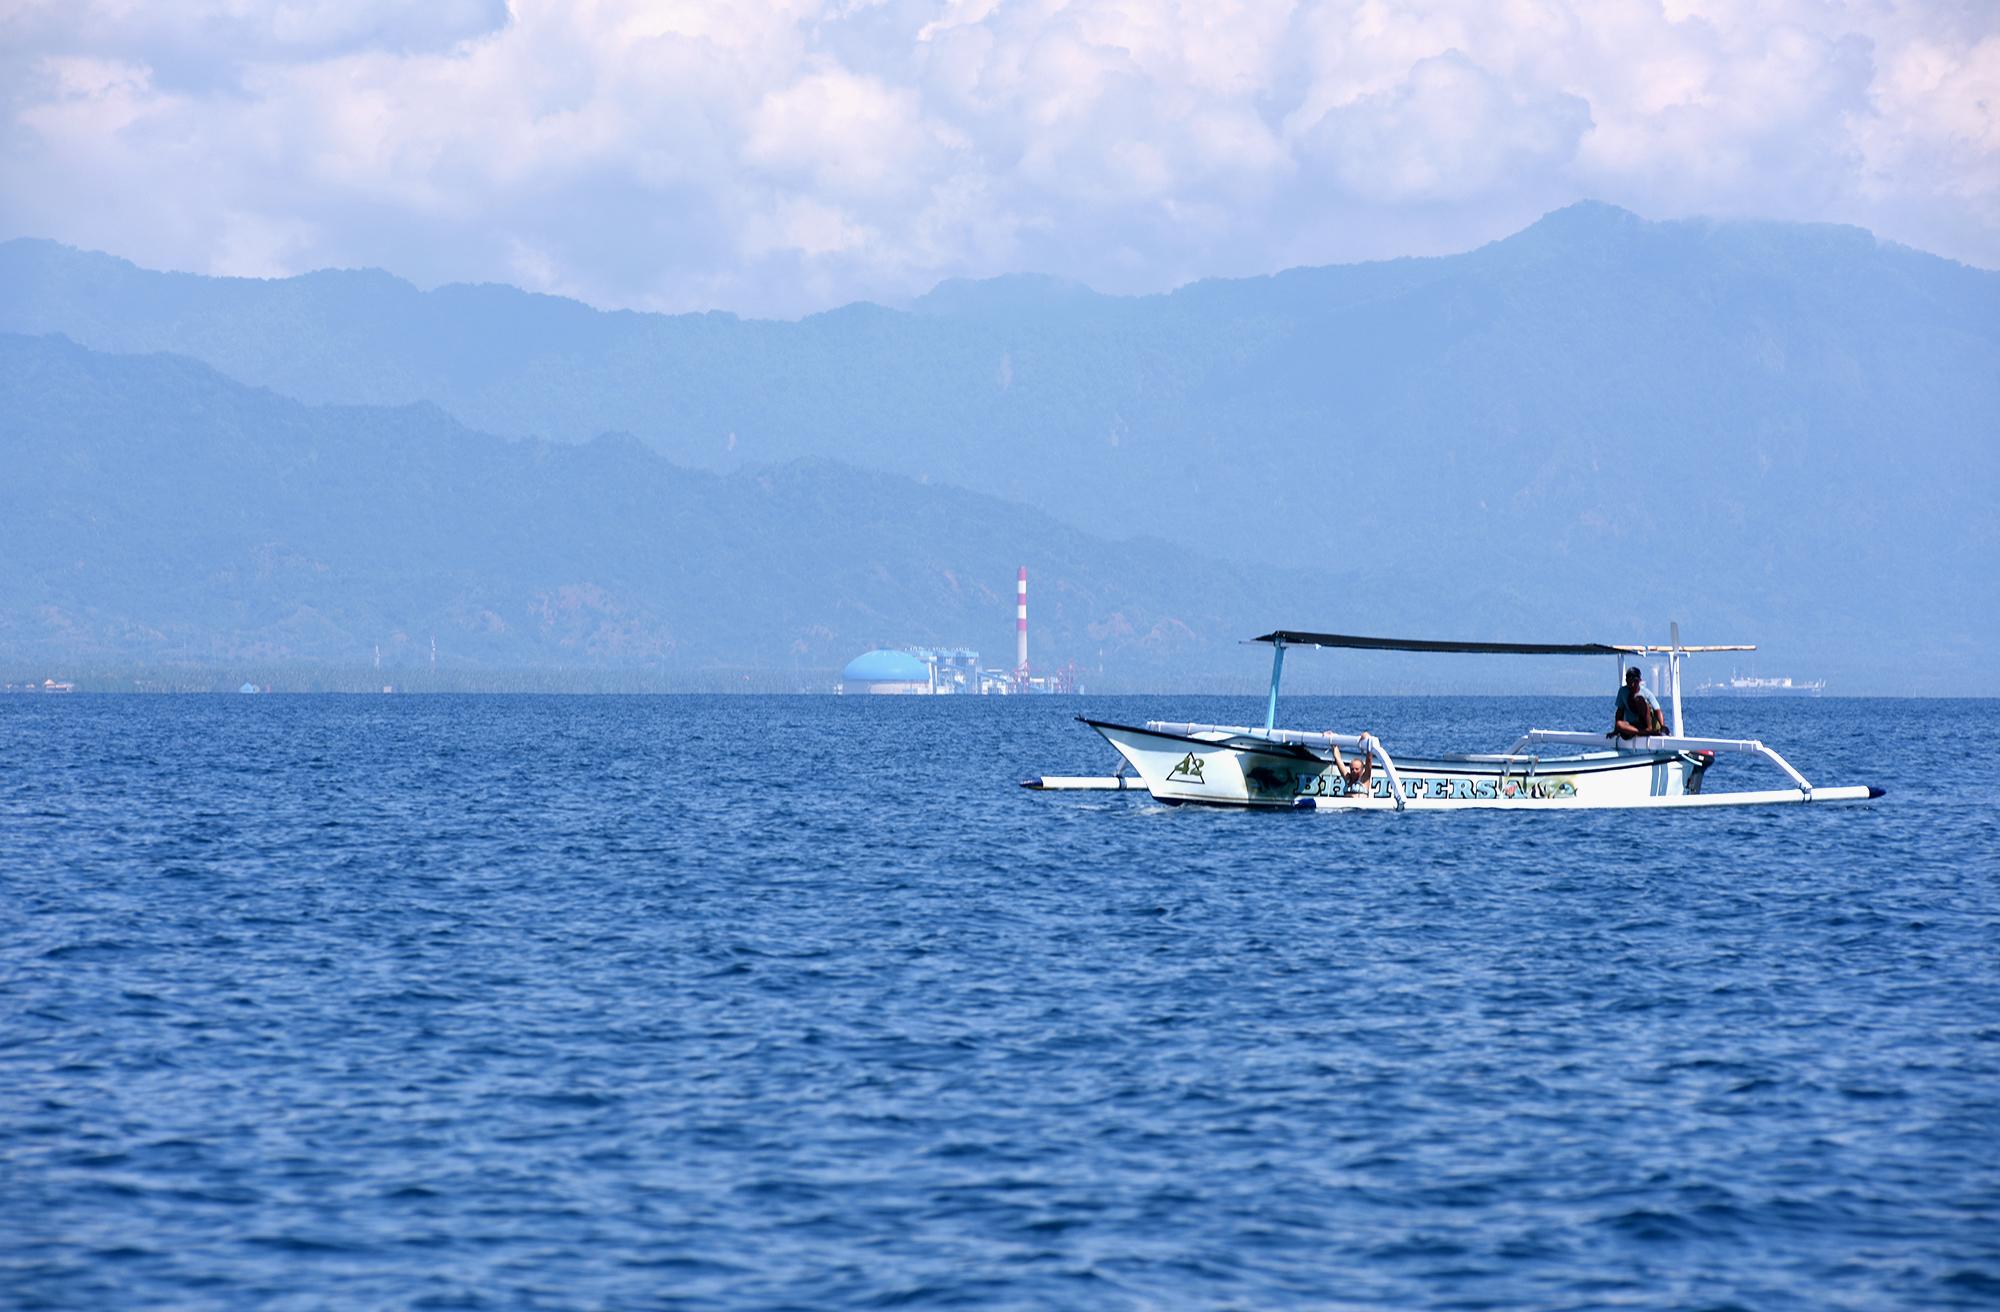 赏鲸游船。如今在瑟罗坎巴望海滩附近已越来越难看到海豚和鲸鱼的踪迹。图片来源:Ade Dani